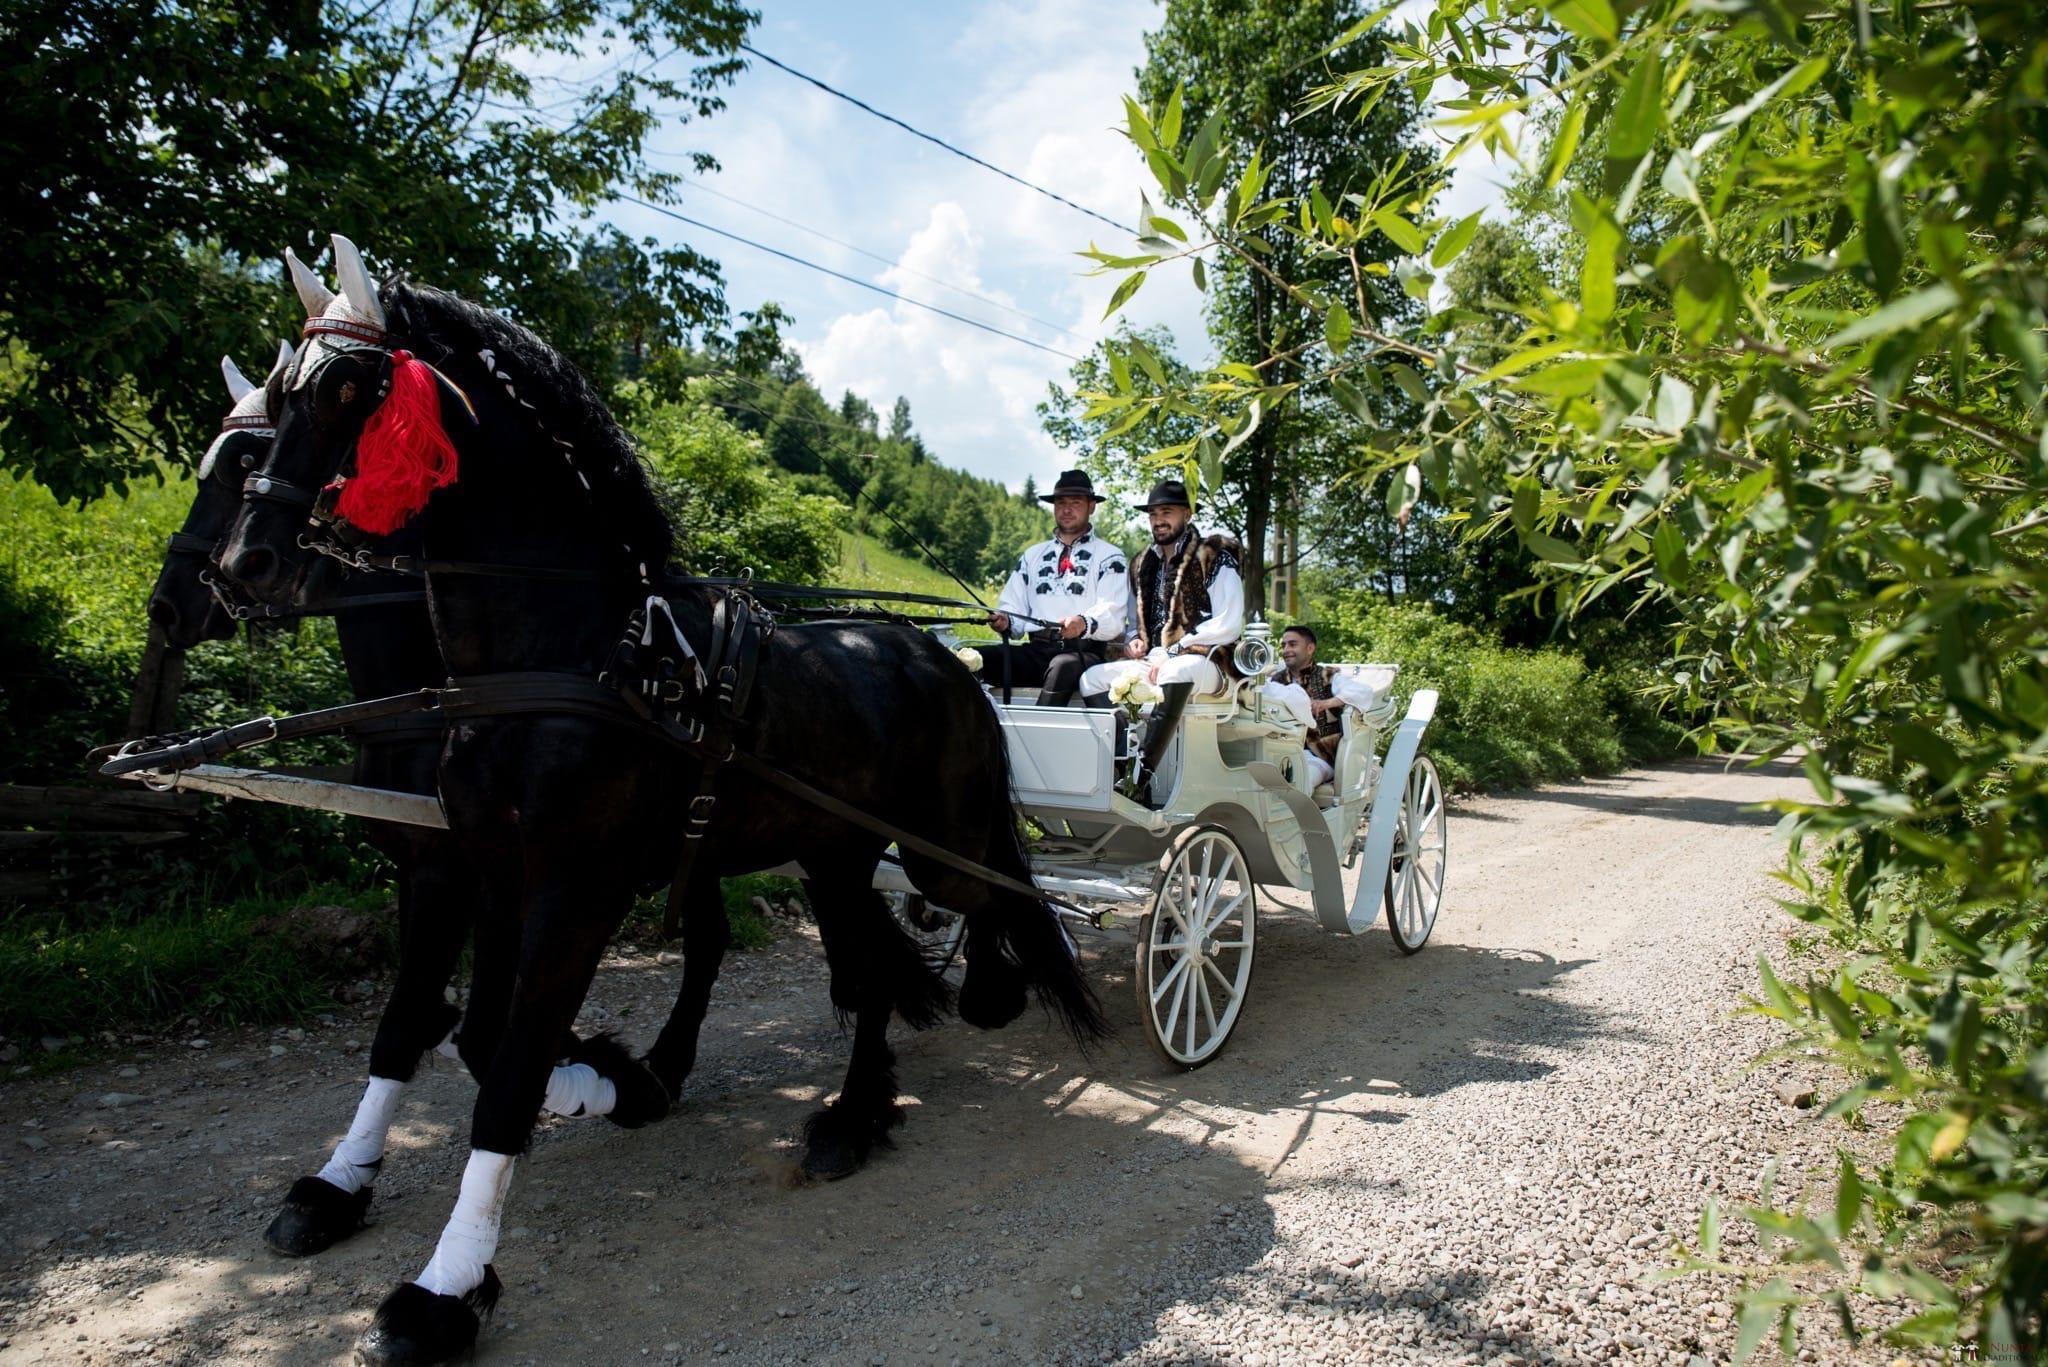 Povești Nunți Tradiționale - Irina și Alexandru, nuntă în Câmpulung Moldovenesc, Suceava 44